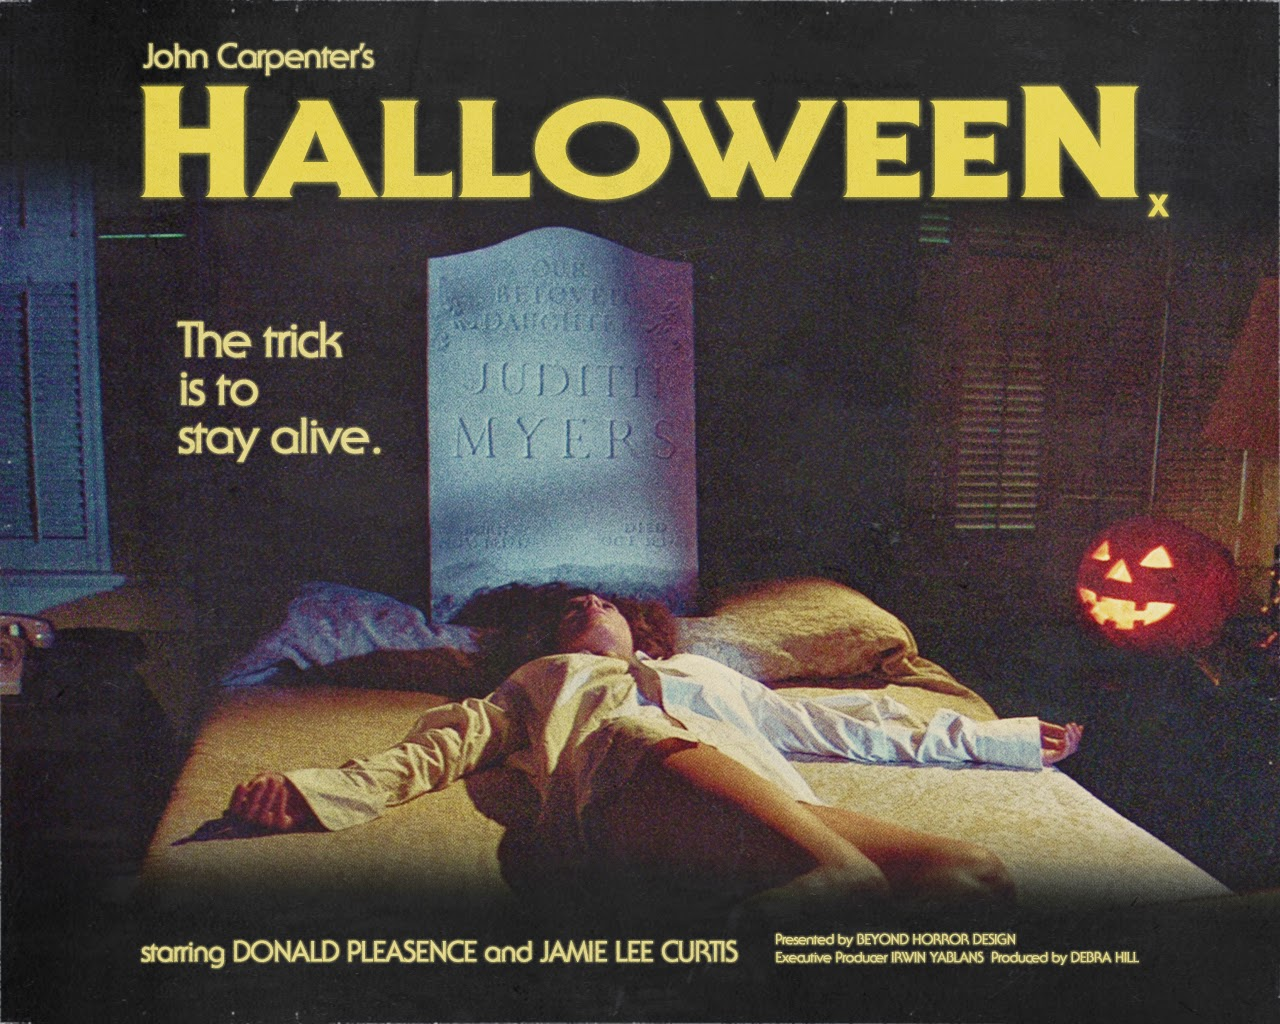 Affiche du film Halloween (La nuit des masques, 1978) de John Carpenter